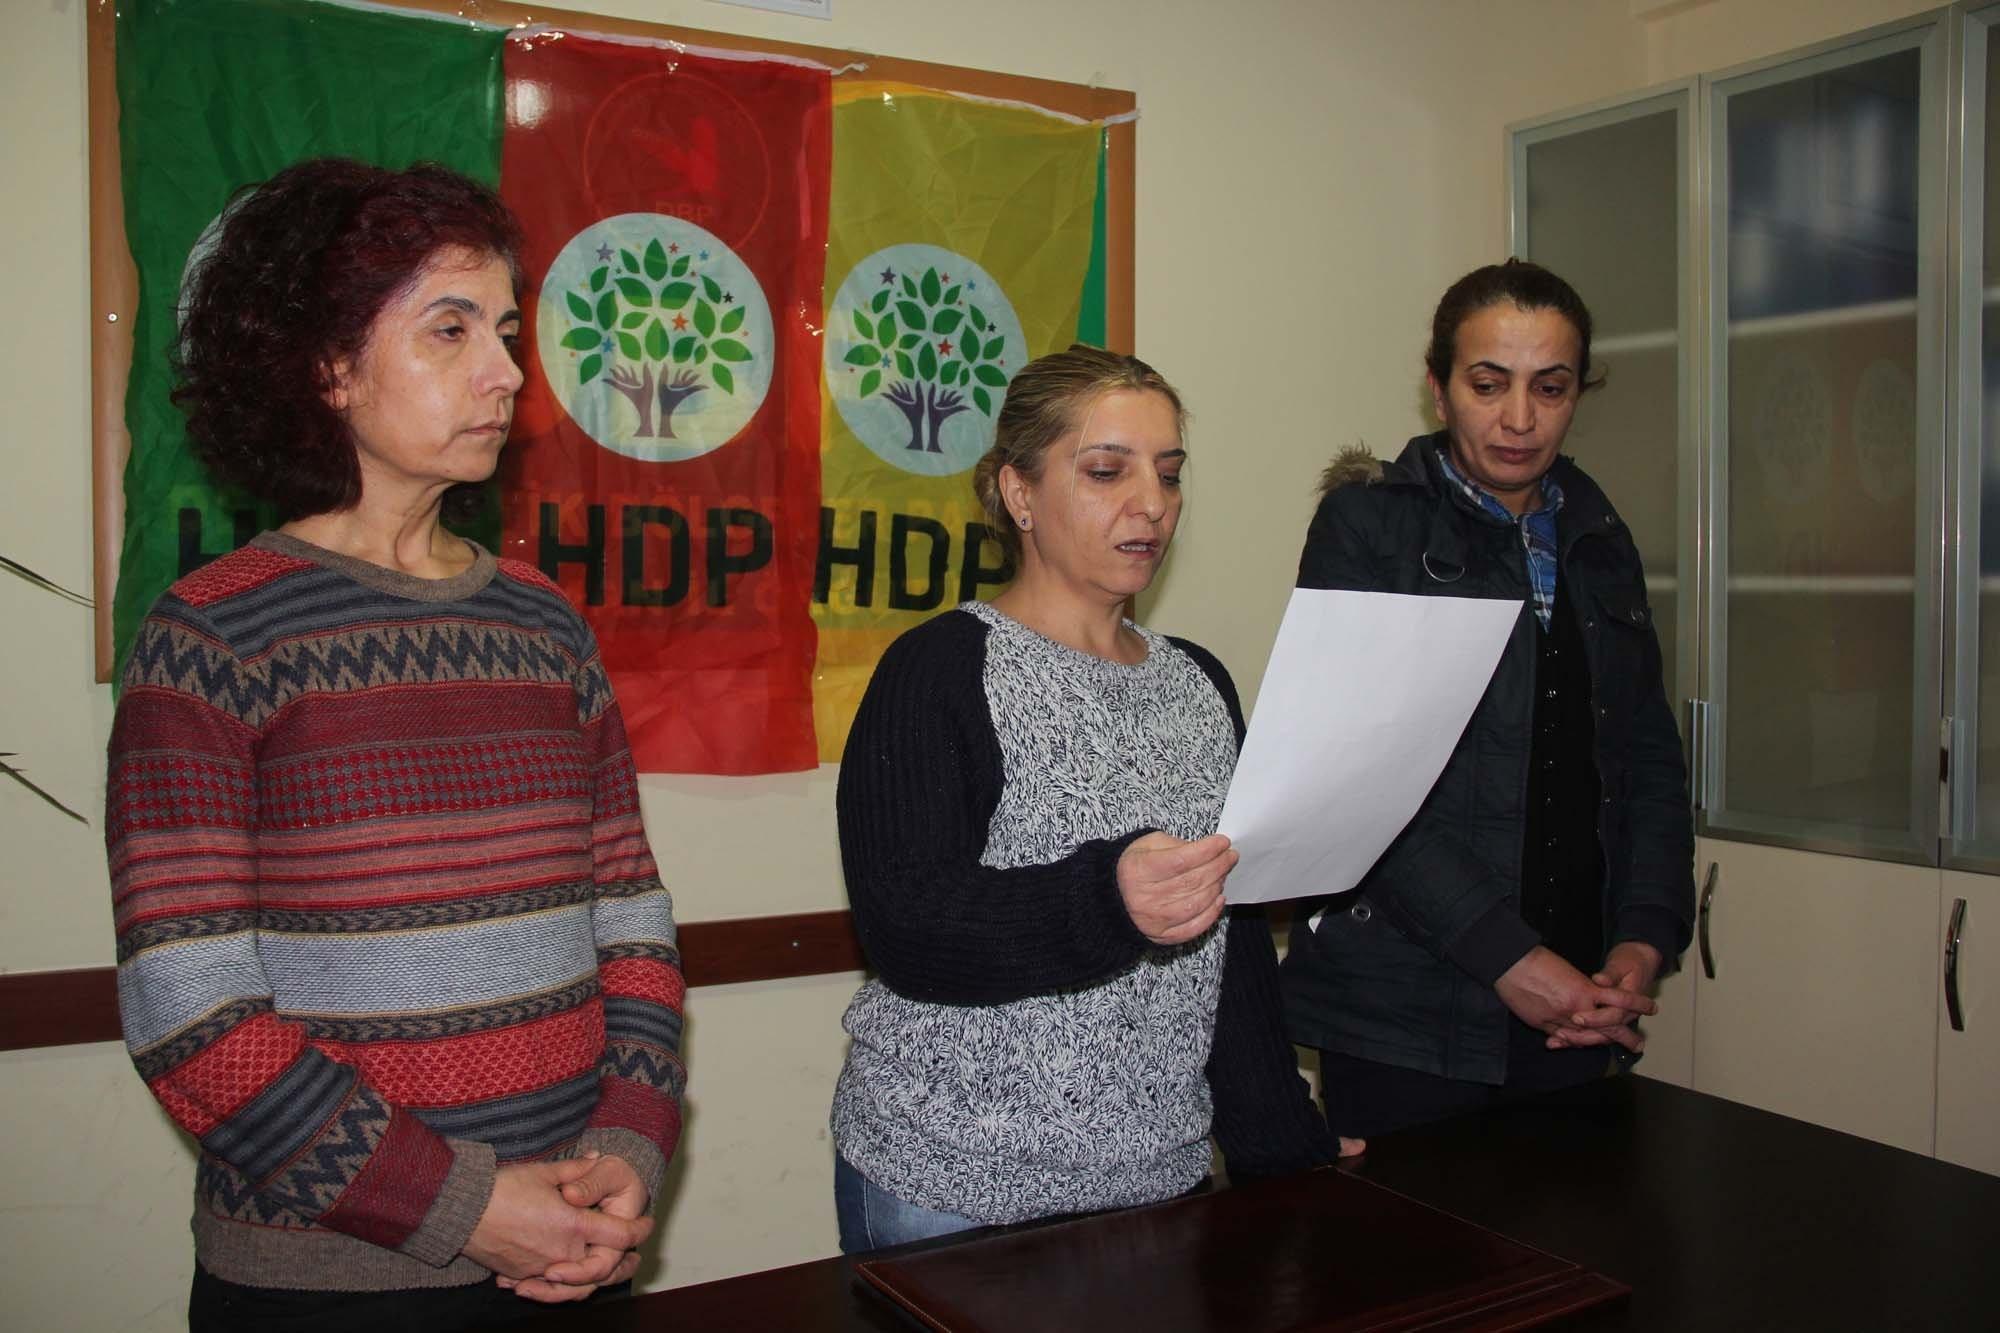 HDP ve DBP Üyeleri Sokağa Çıkma Yasaklarını Eleştirdiler